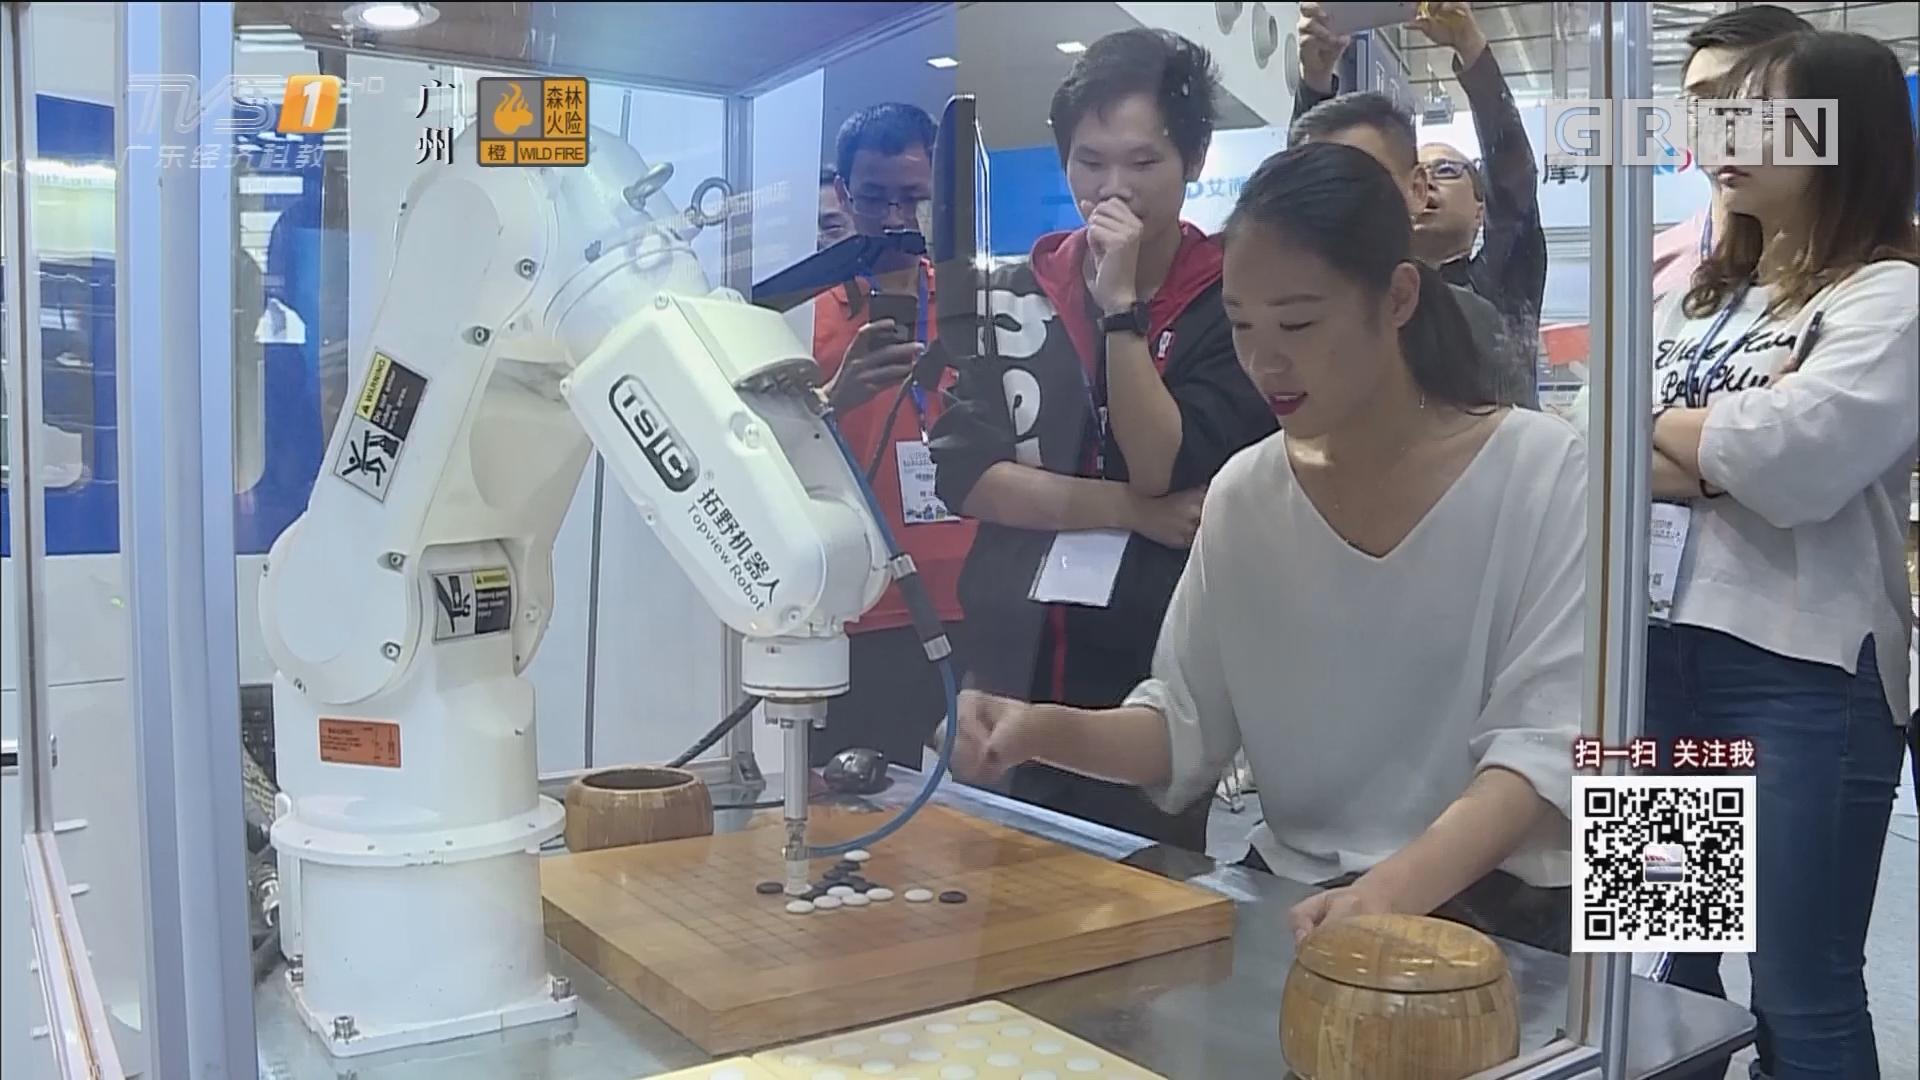 未来已来 新型人工智能机器人集体亮相